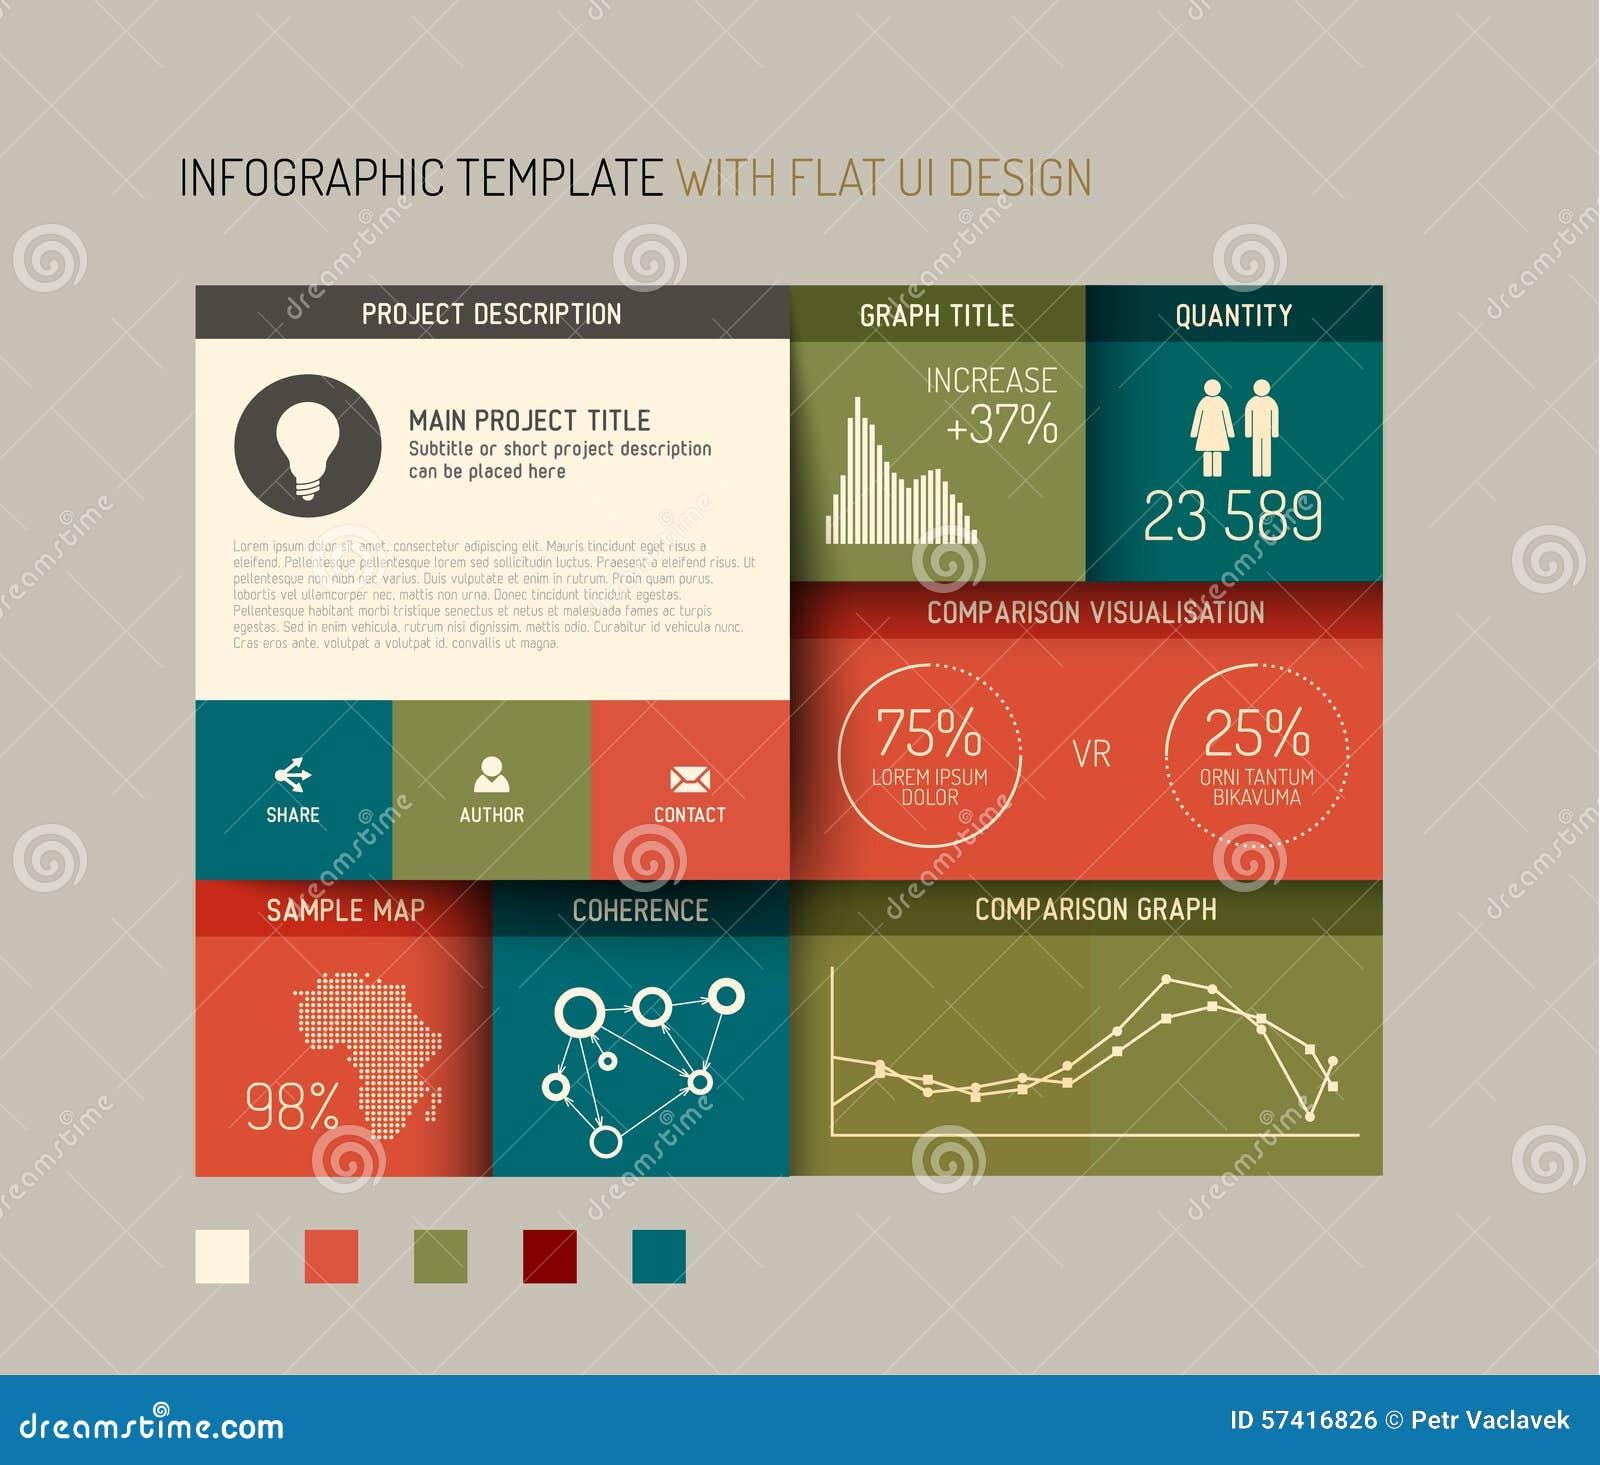 传染媒介平的用户界面(UI) infographic模板/设计